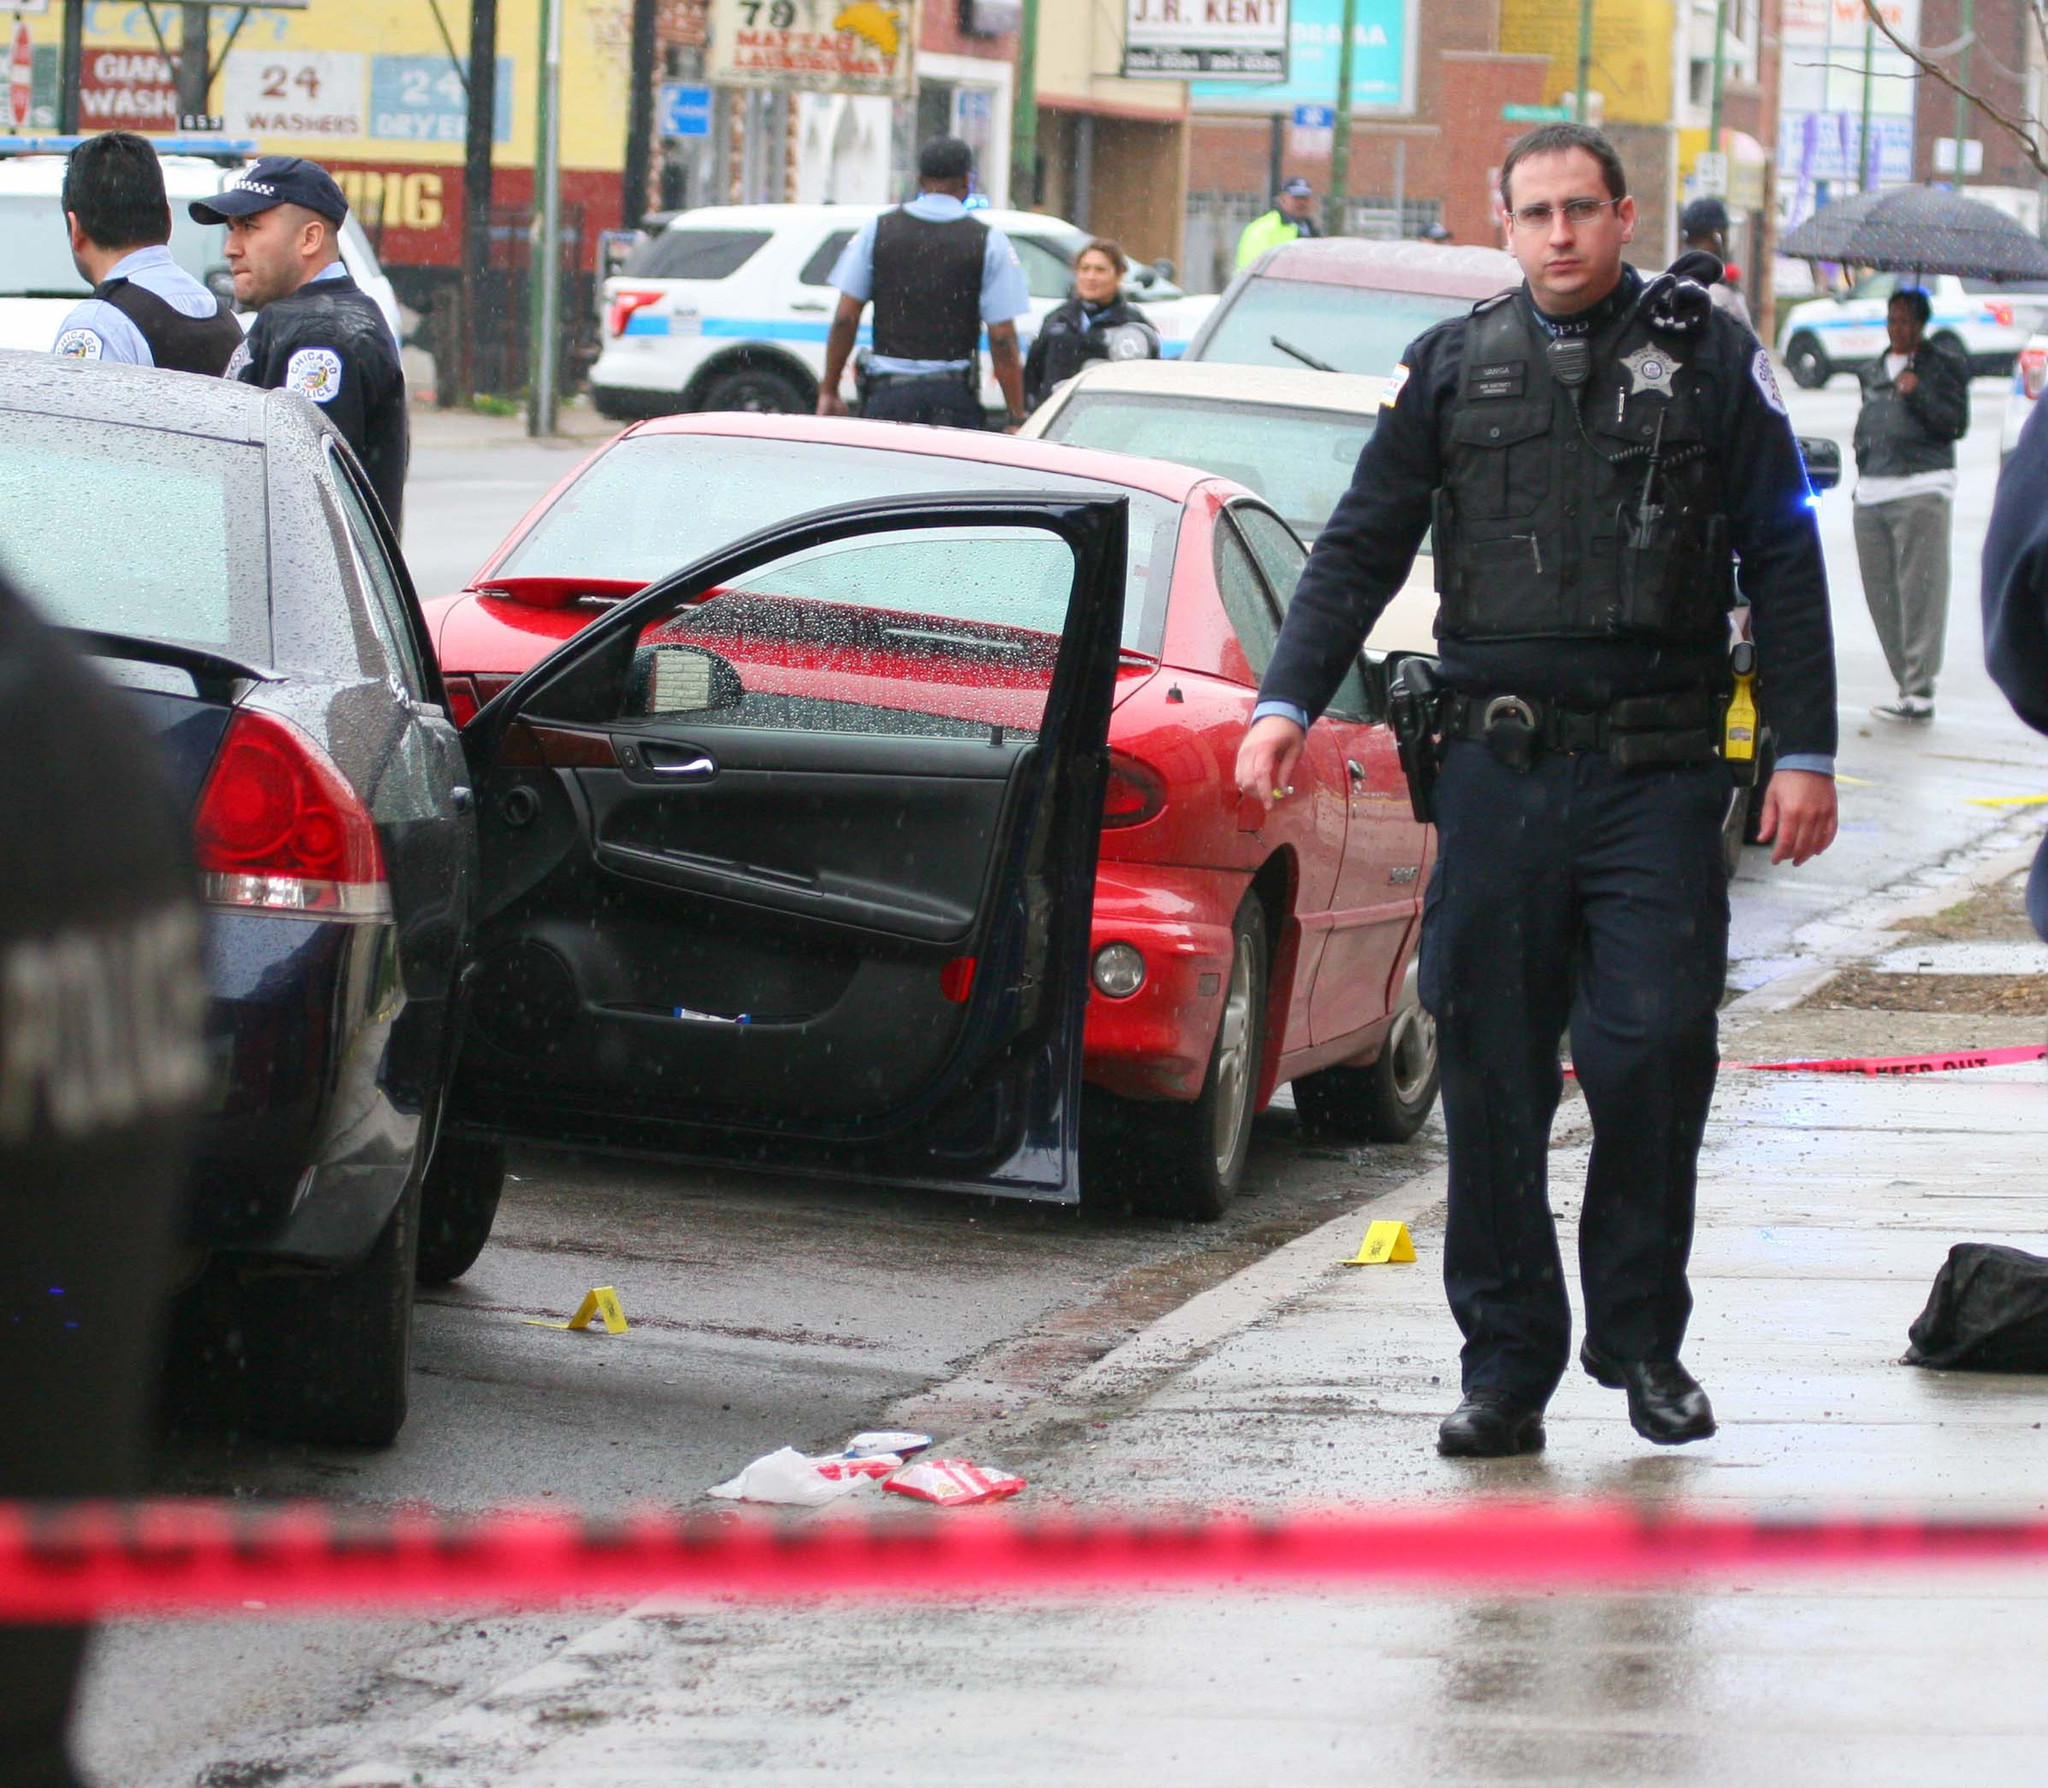 14 Injured In Separate Shootings